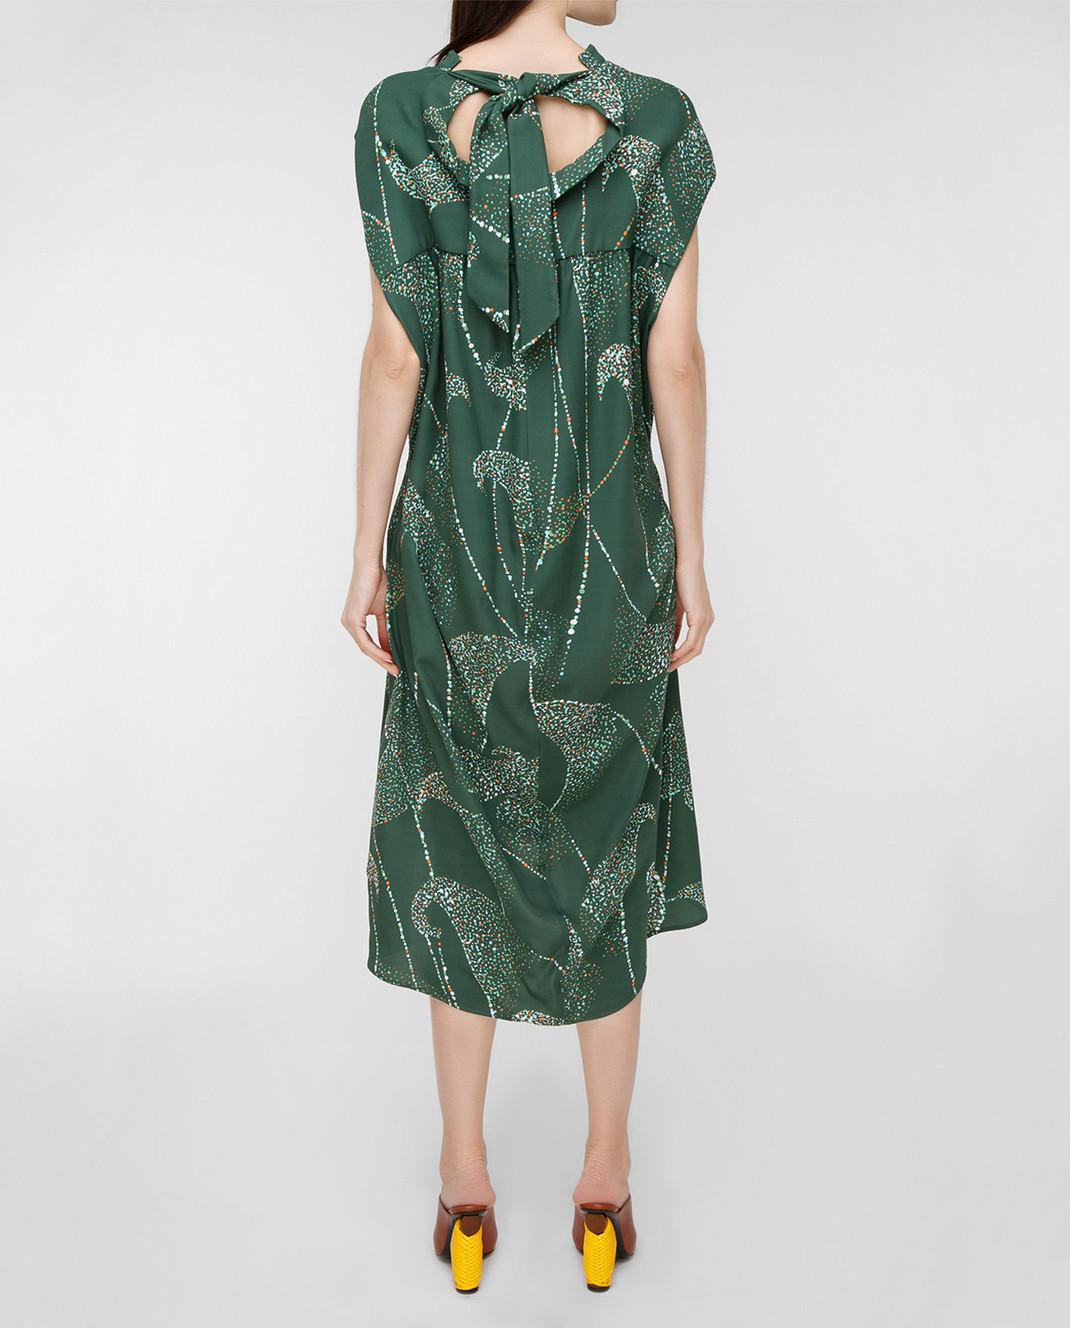 Balenciaga Зеленое платье 456946 изображение 4